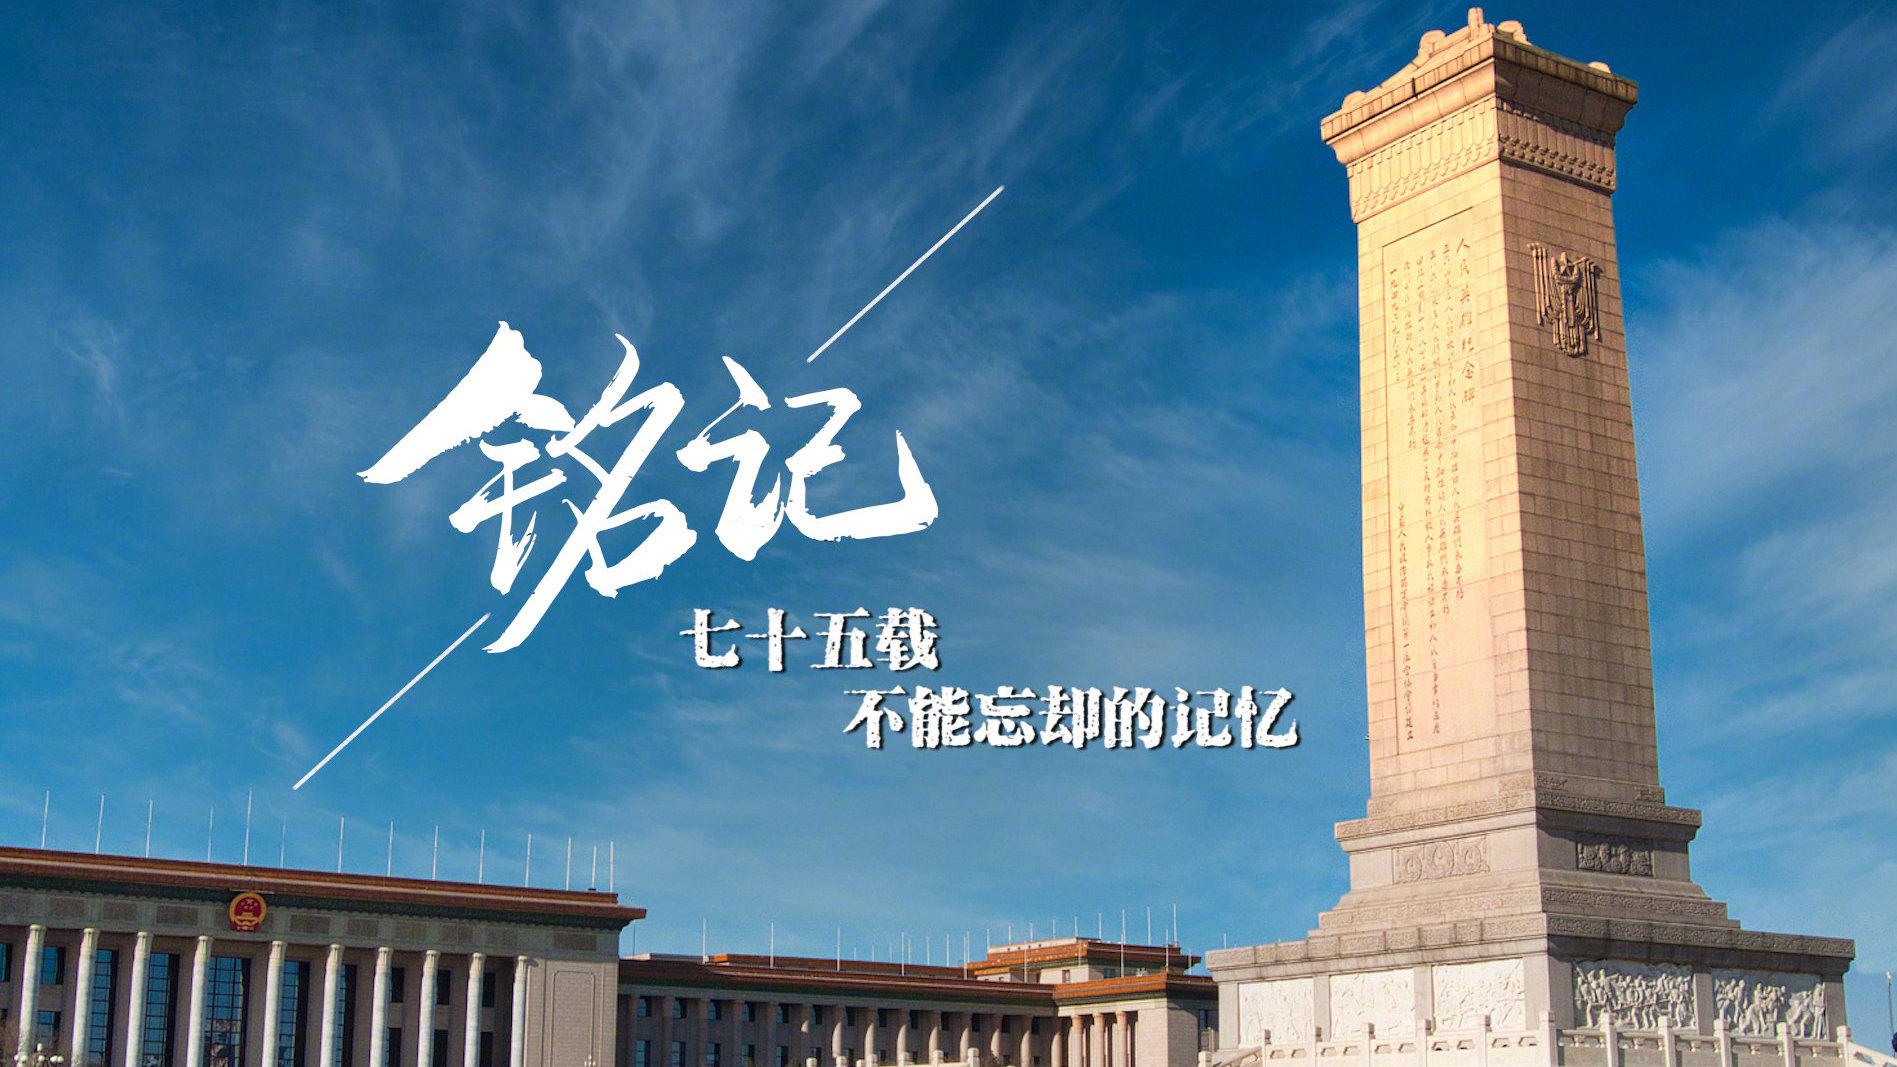 中国人民抗战胜利75周年160秒热血混剪